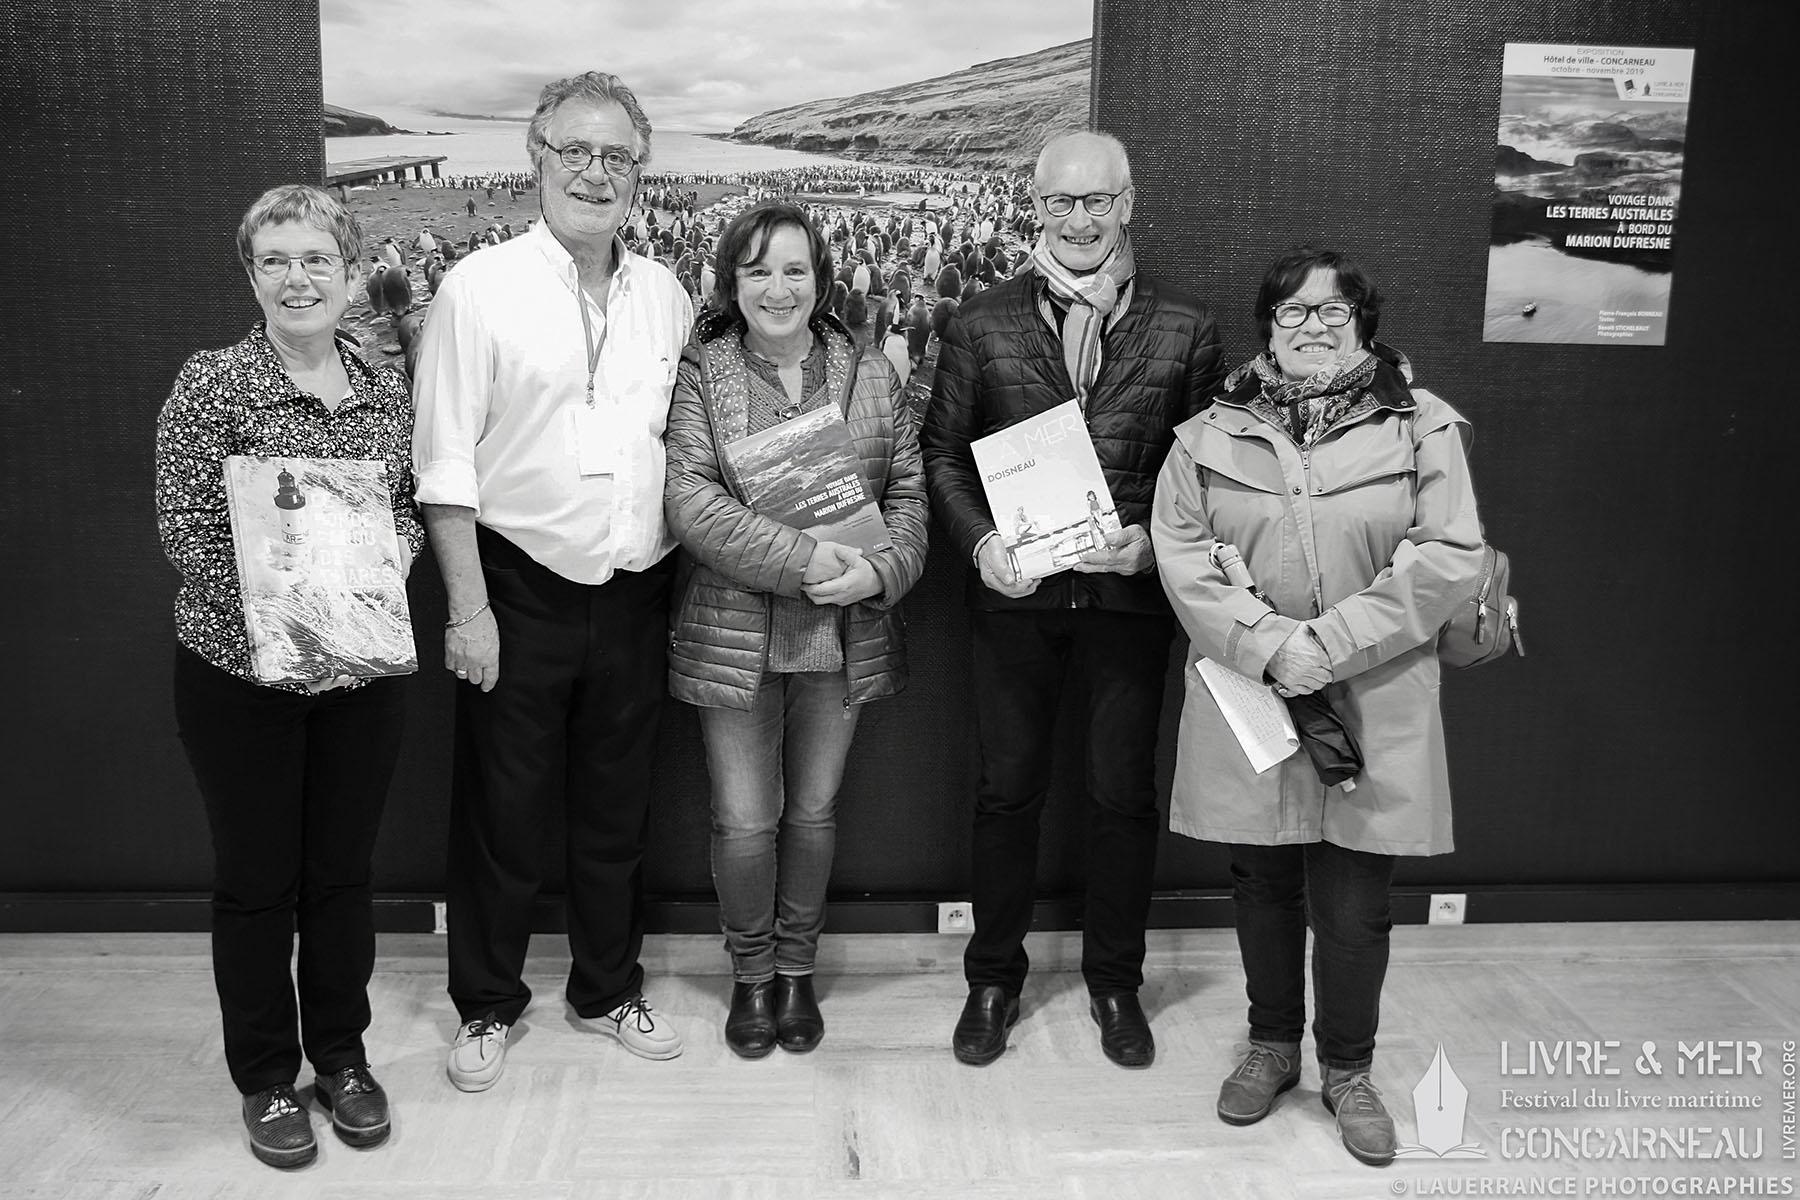 Les gagnantes de la Dictée maritime avec Jacques Campion & Pascale Talandier © Lauerrance Photographies